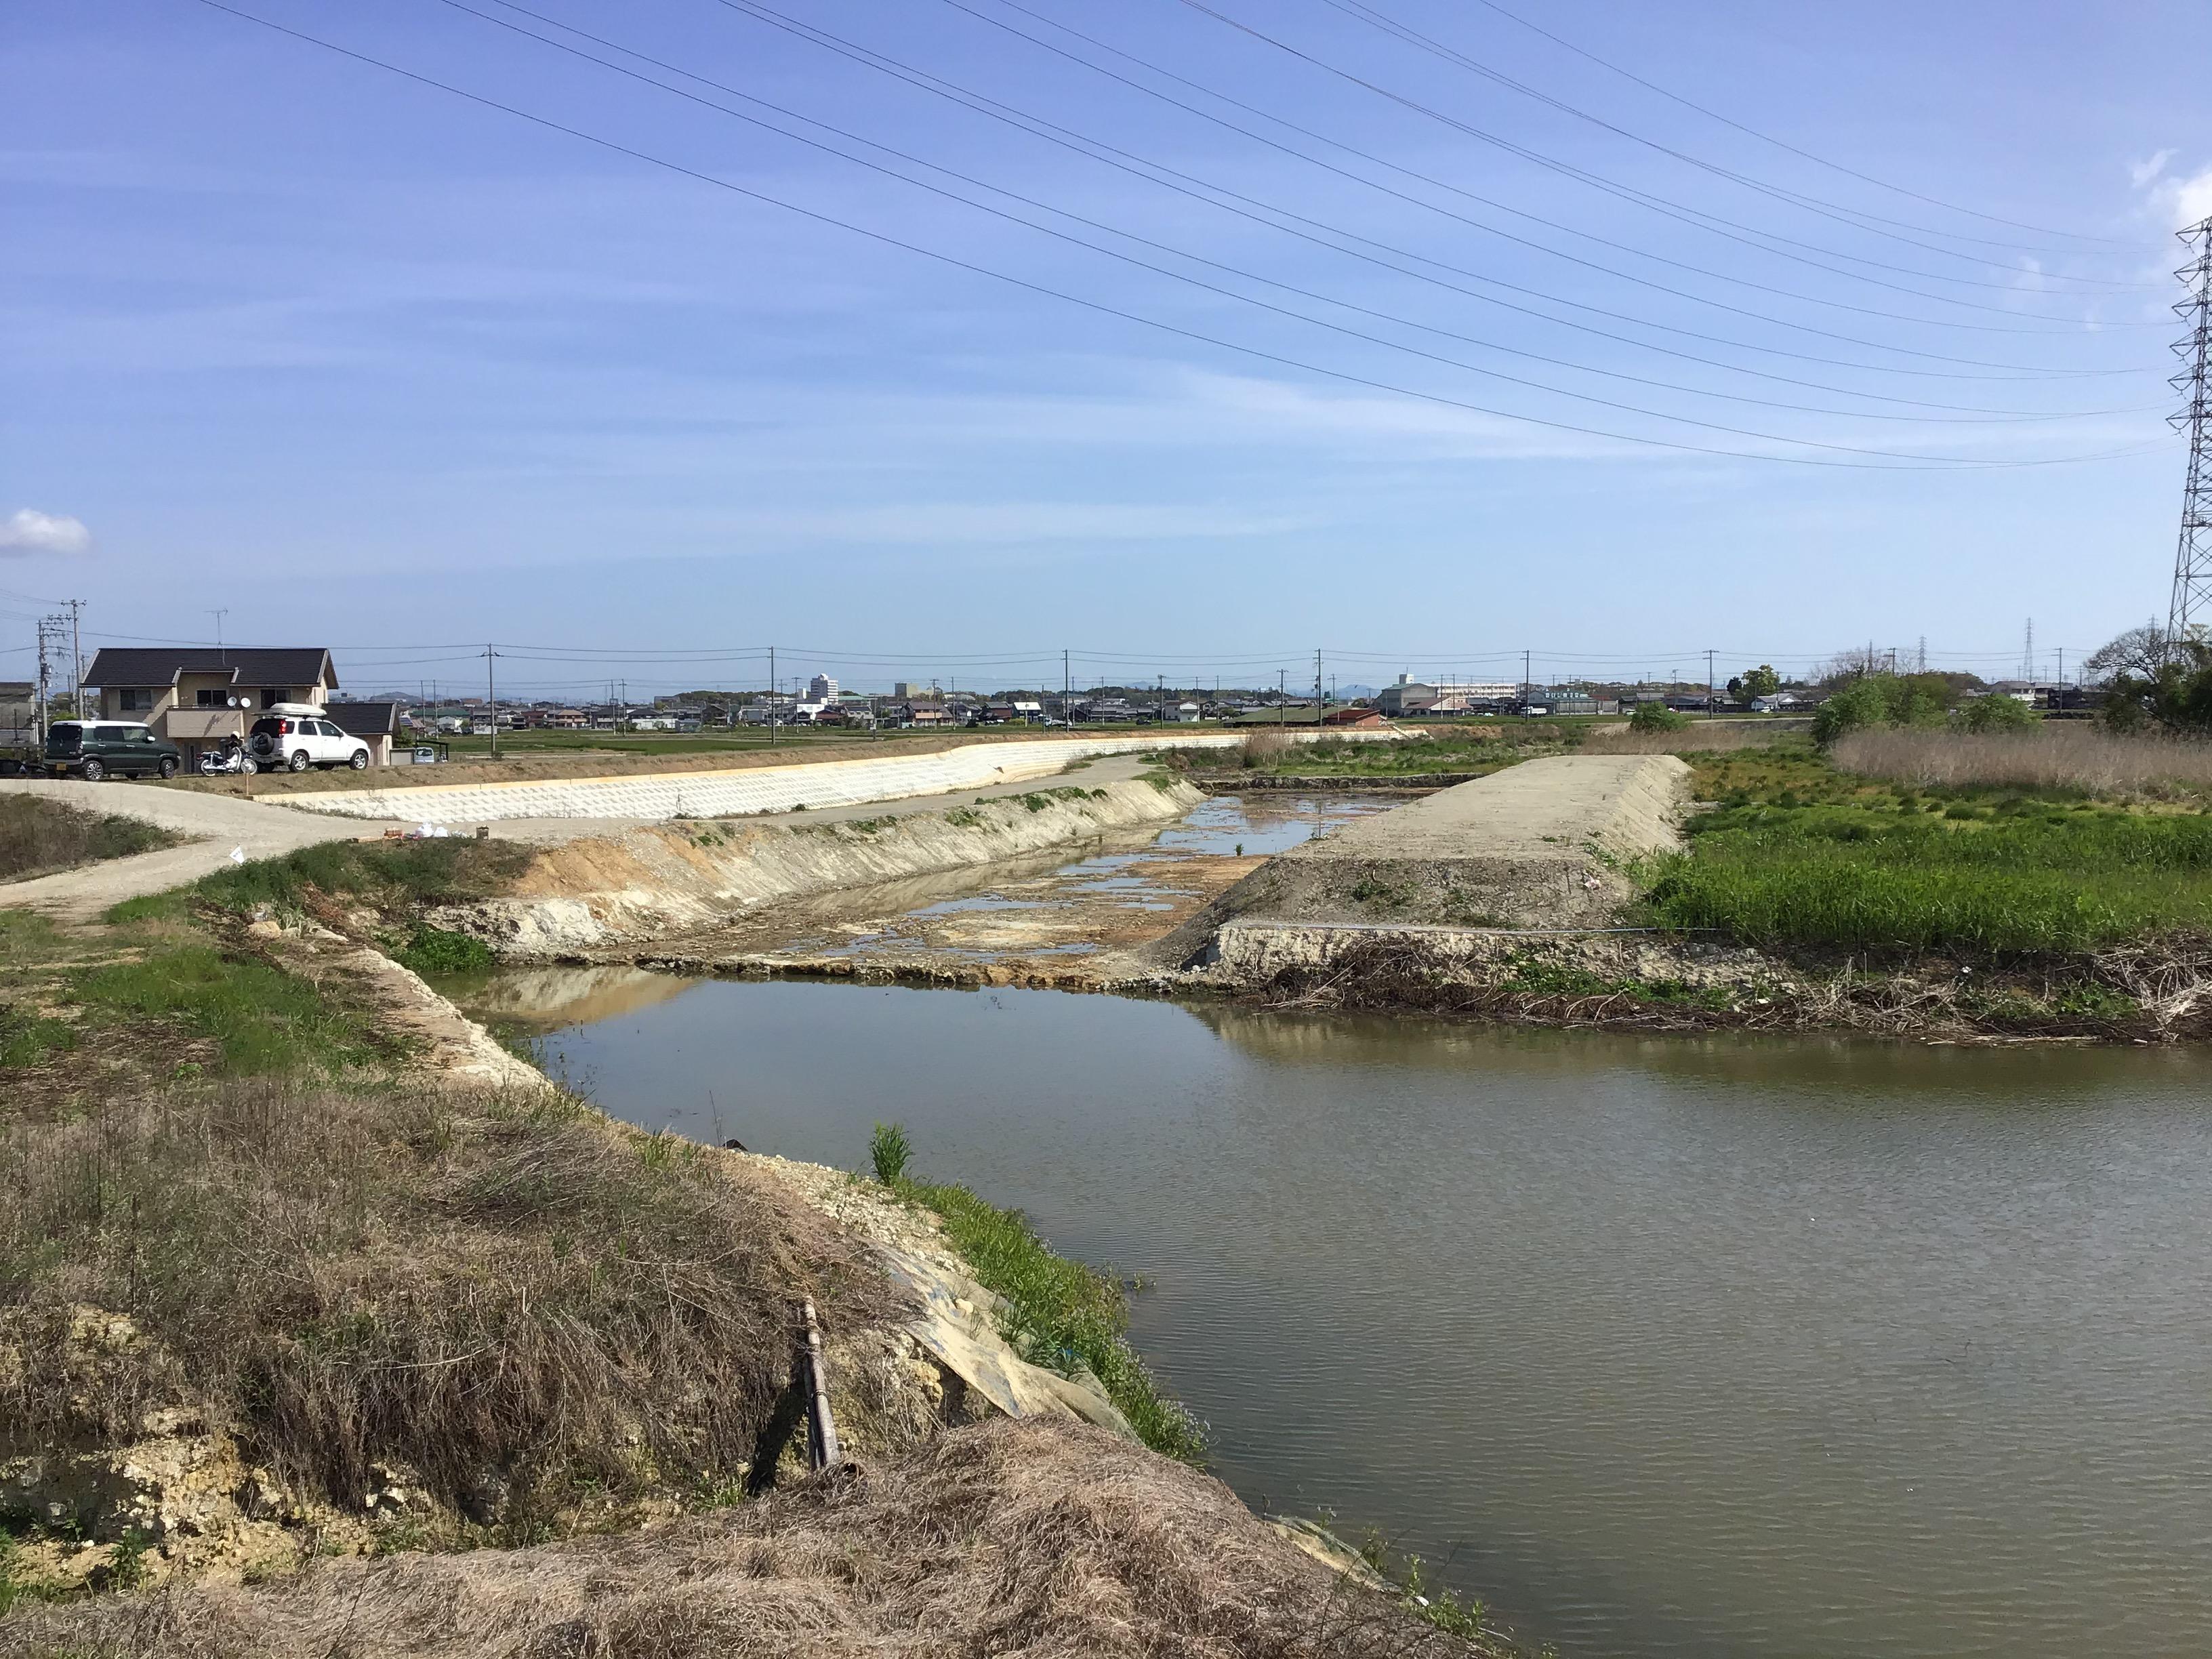 利水シート設置予定箇所(左側:仮設道左岸、右側:副堤右岸)